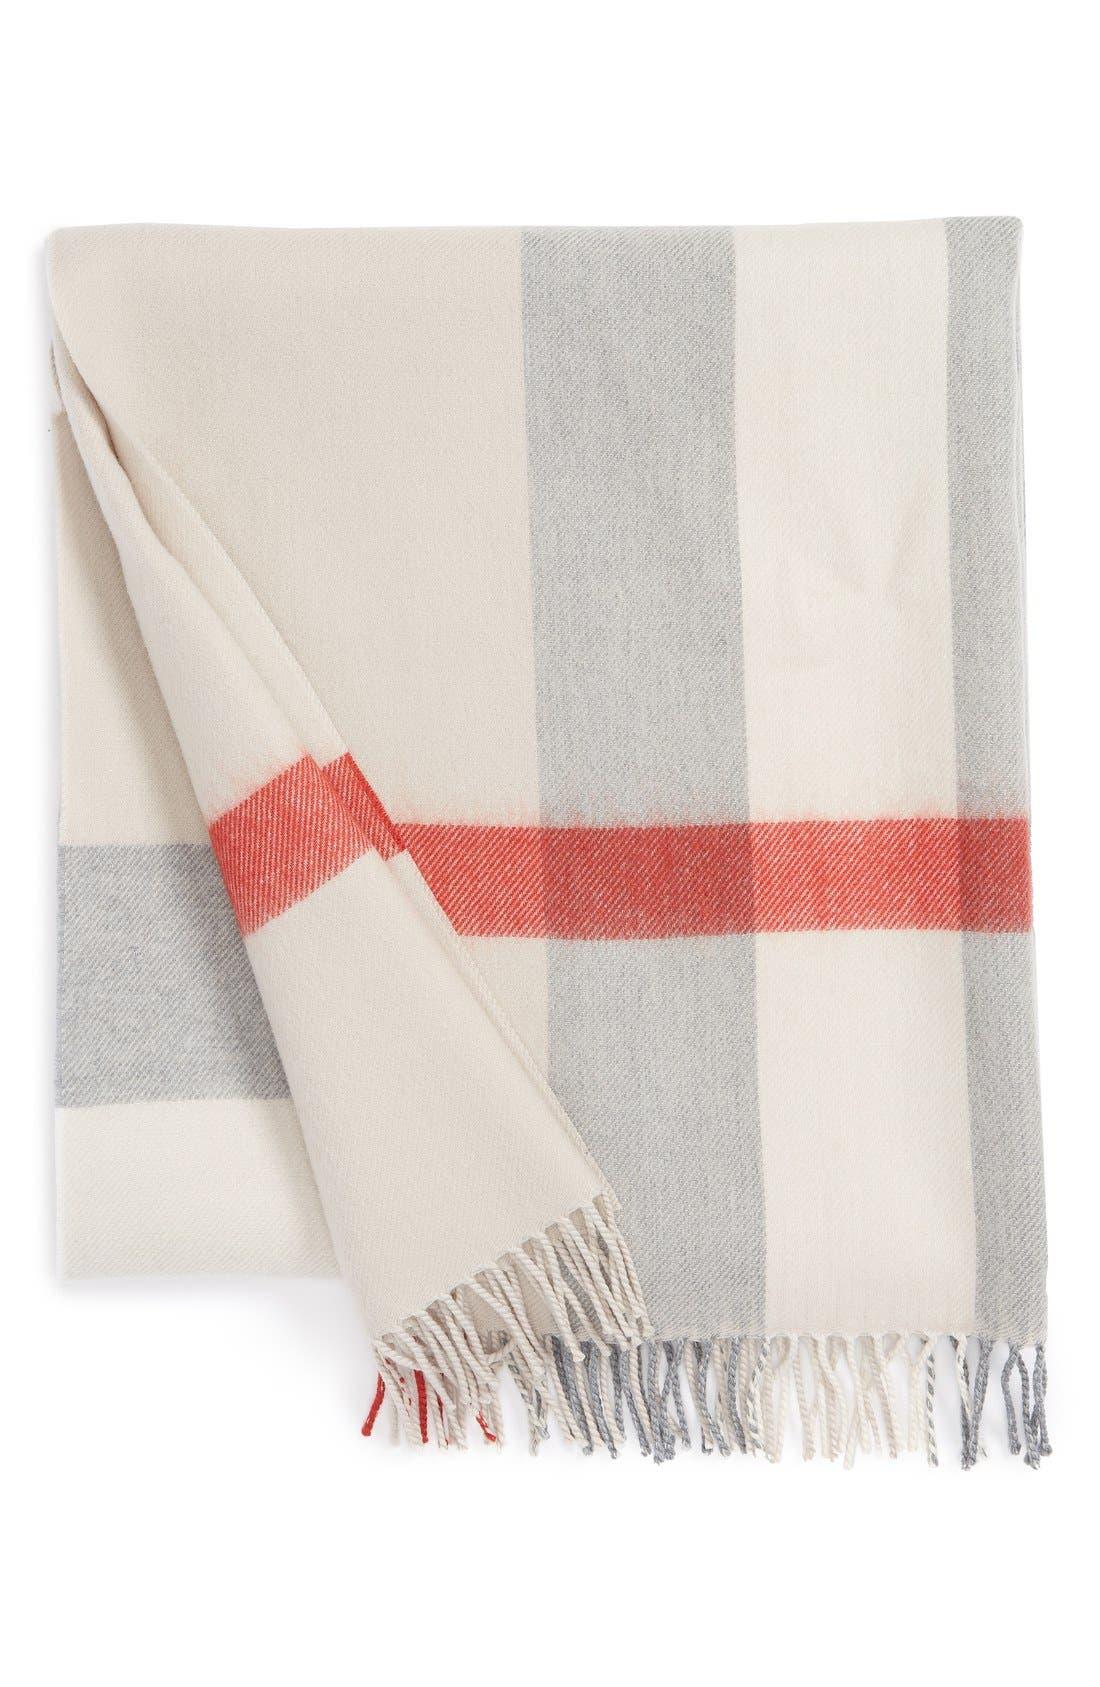 Main Image - Burberry Merino Wool Baby Blanket